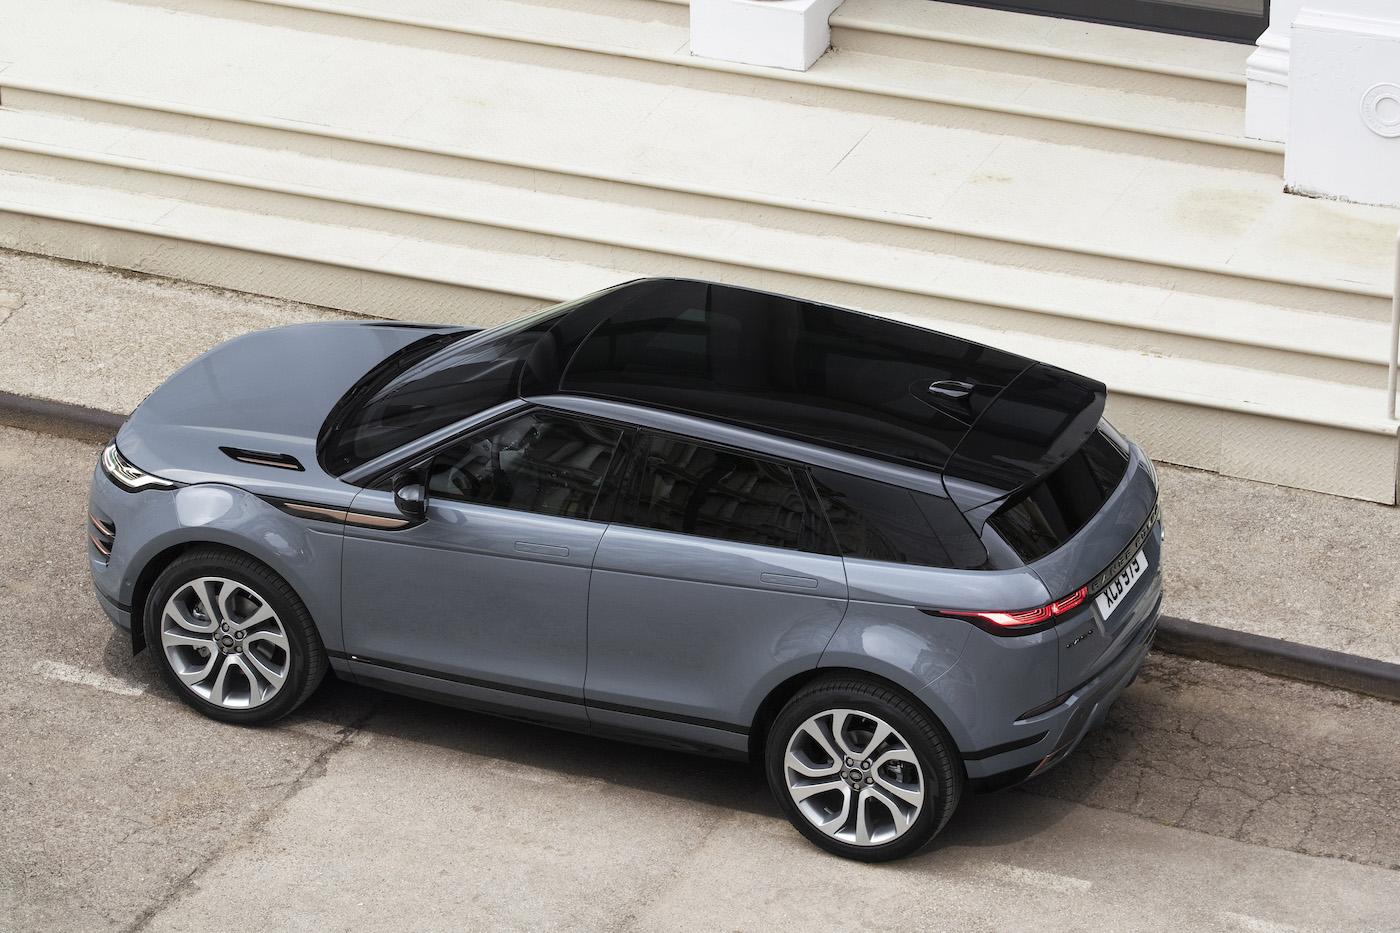 Der neue Evoque: Range Rover übertrifft sich selbst 5